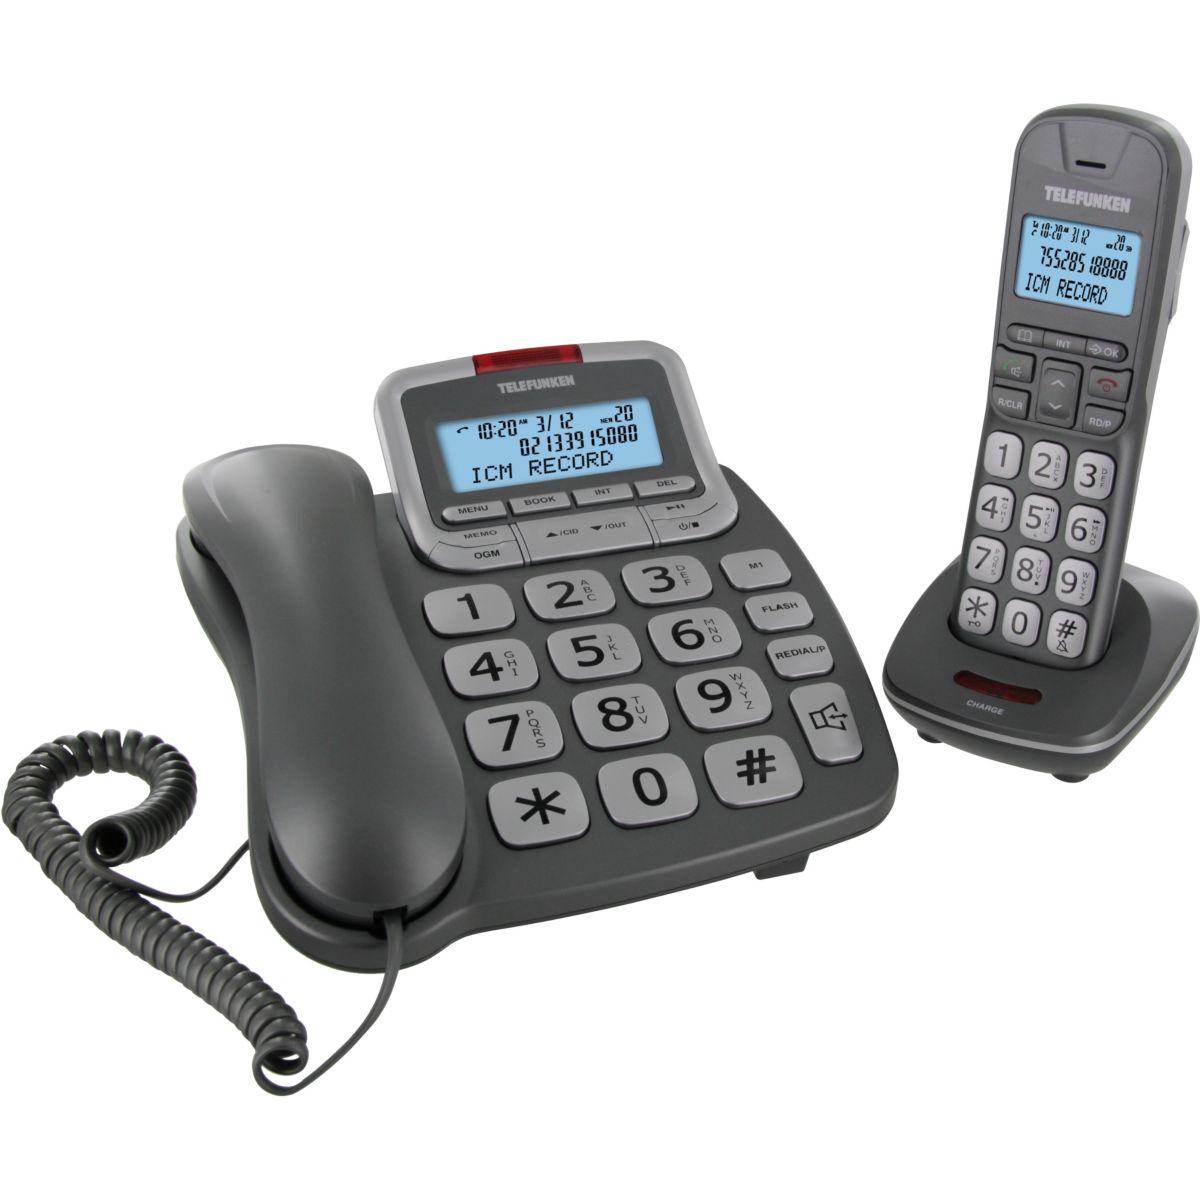 Téléphone répondeur filaire telefunken cosi tf652 duo argent - 20% de remise immédiate avec le code : cool20 (photo)